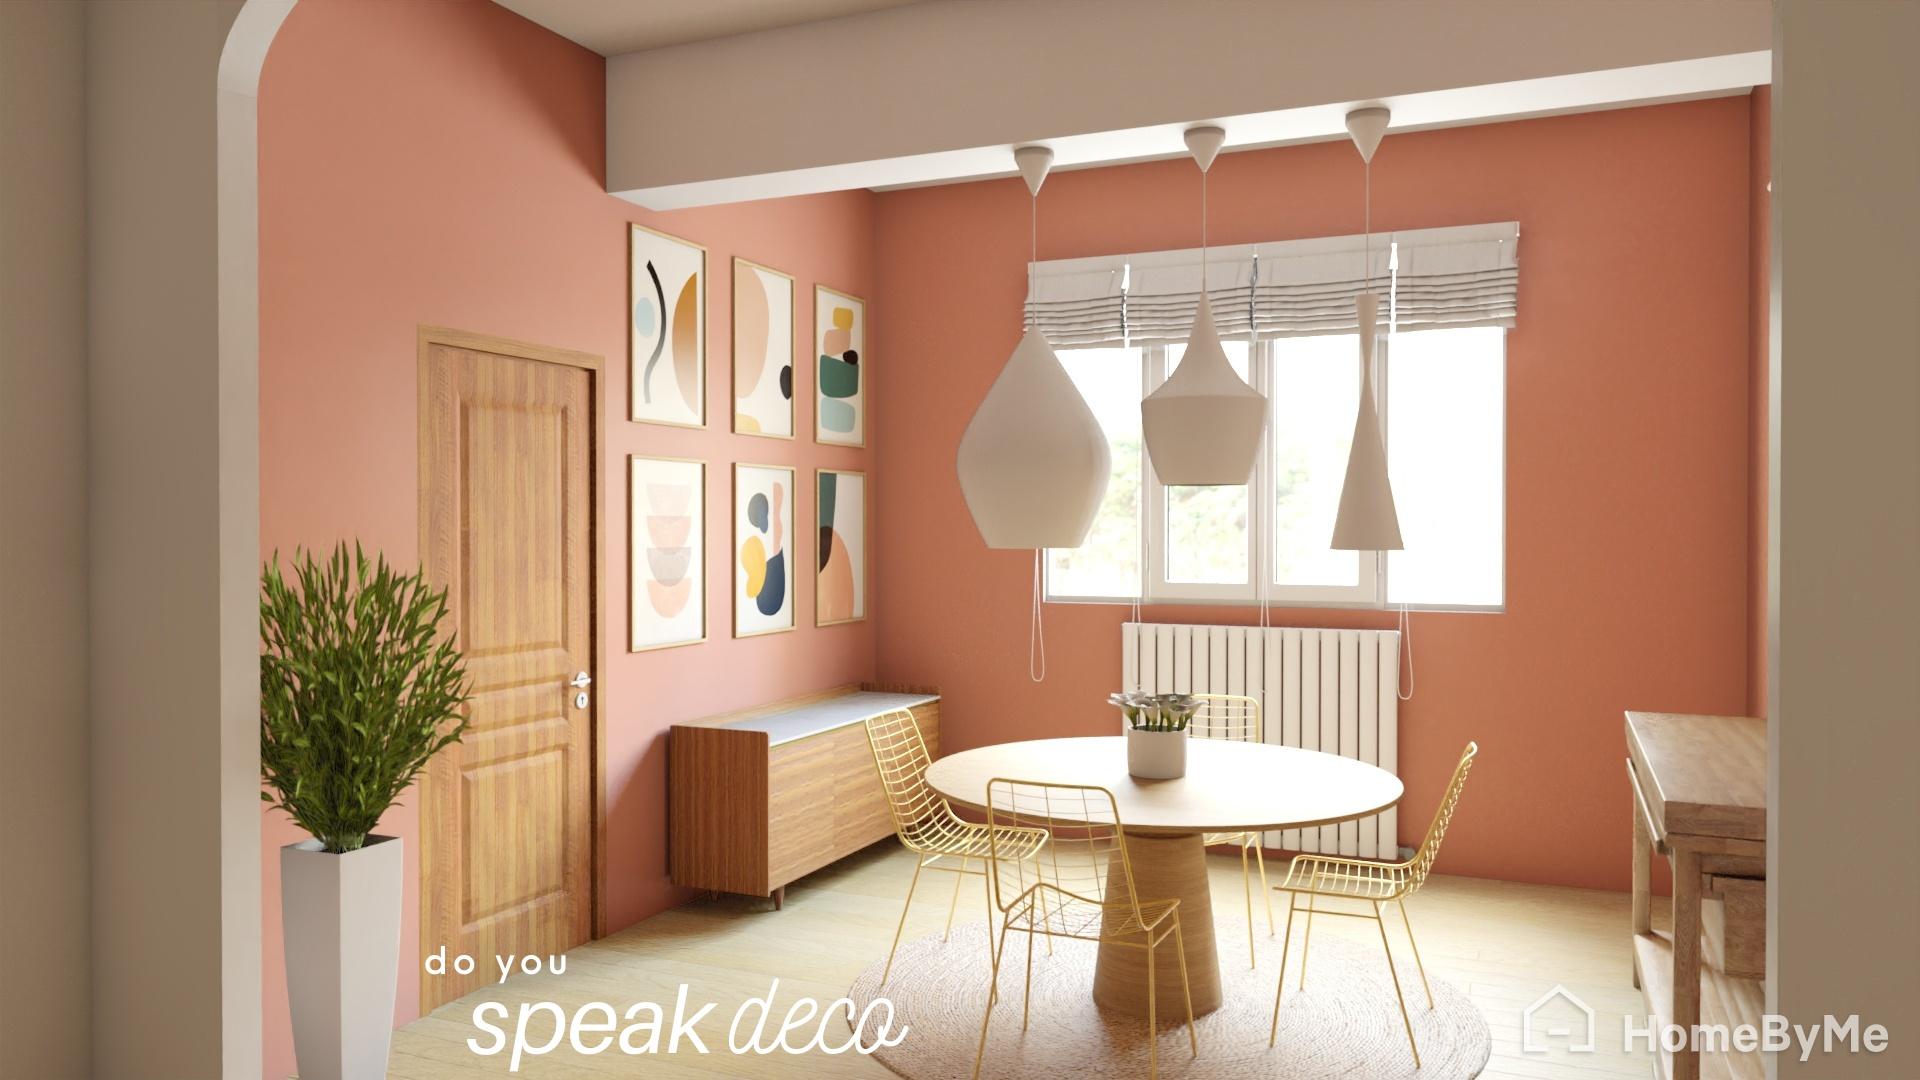 Il est plus facile de se projeter avec cette salle à manger en 3D réaliste